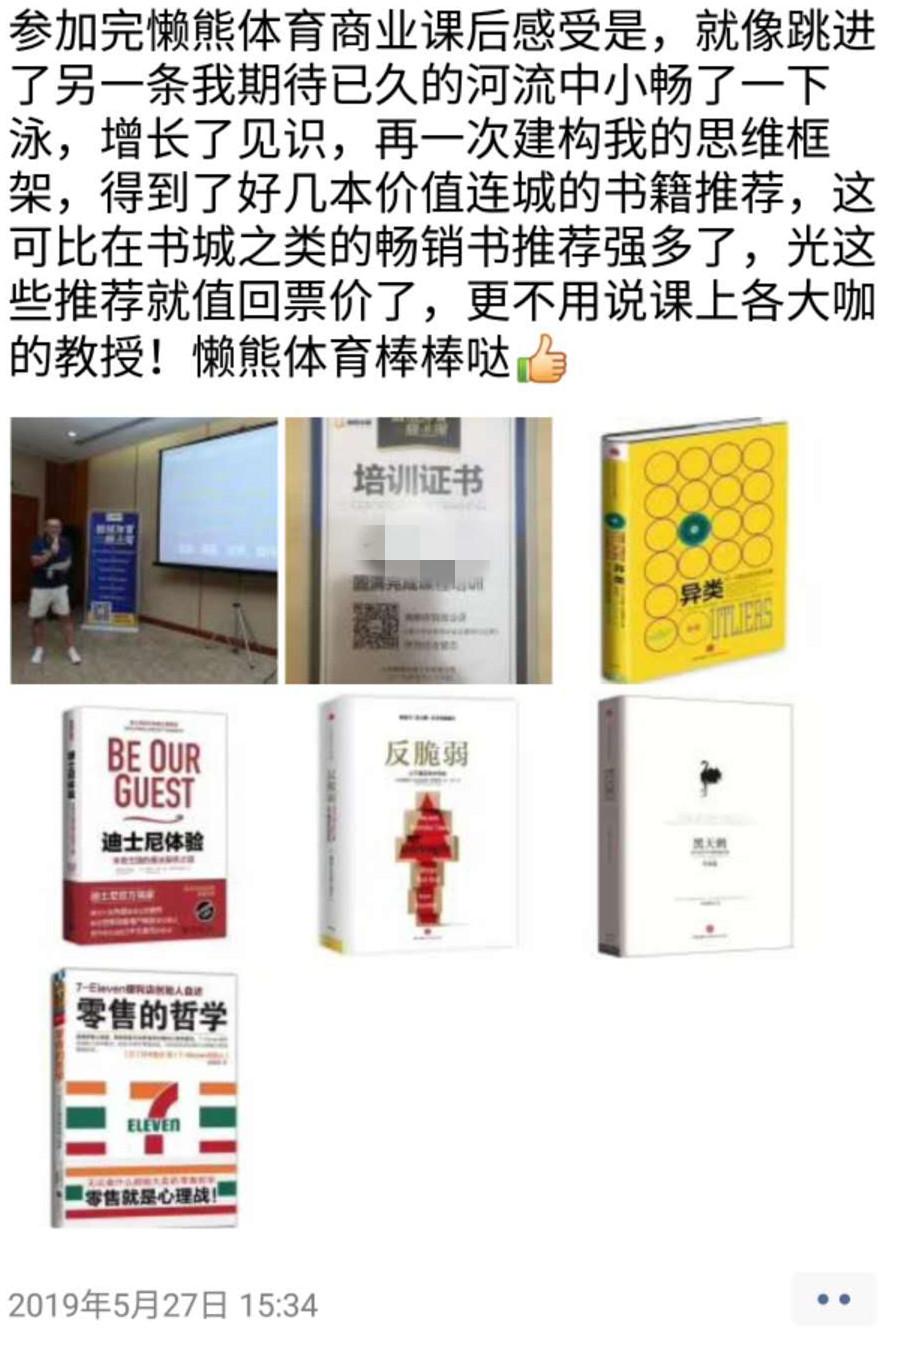 体育教育公司管理与运营——上海站